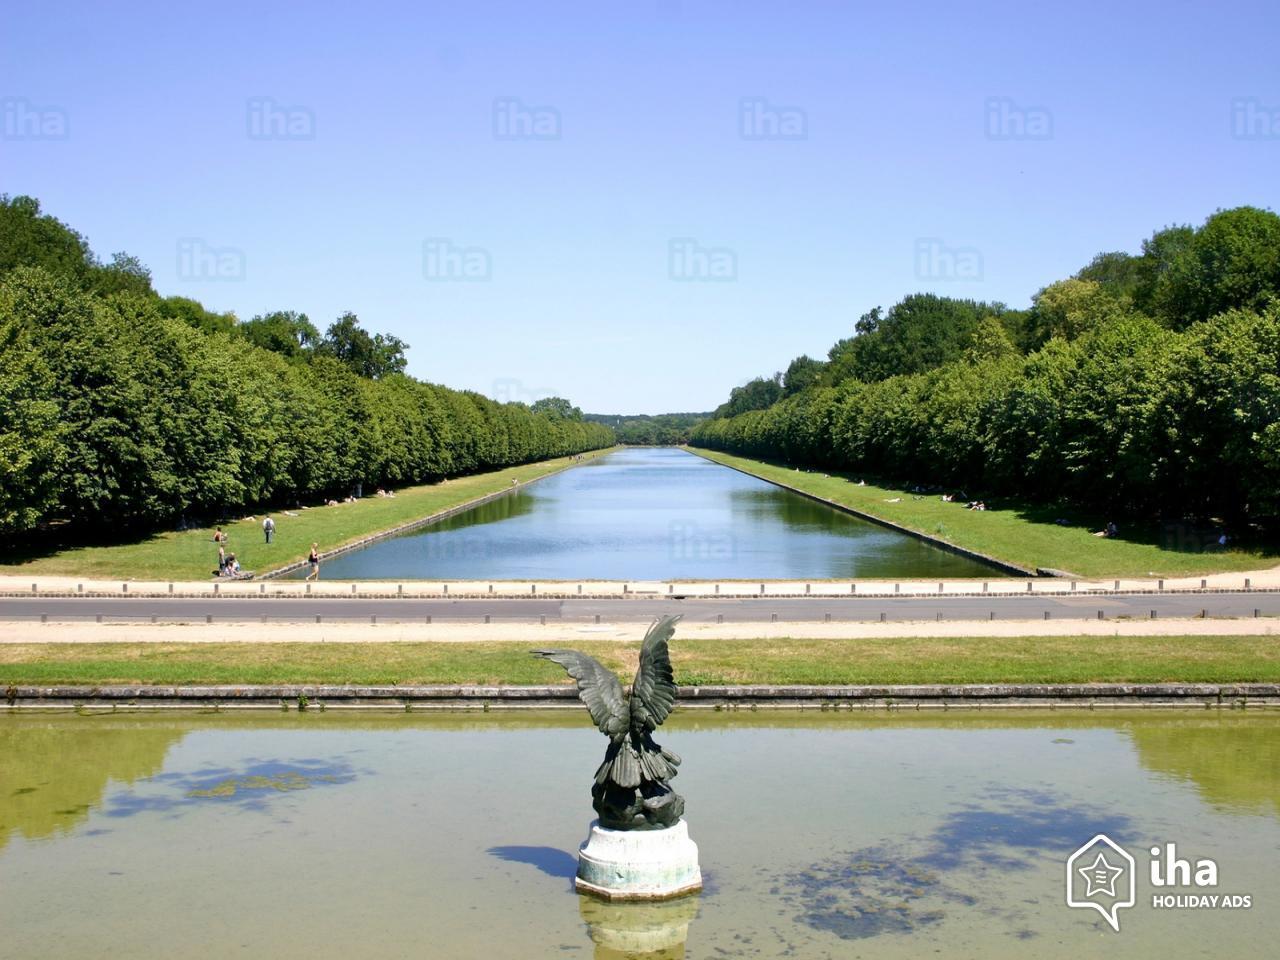 Fontainebleau-Grand-canal-du-parc-de-fontainebleau